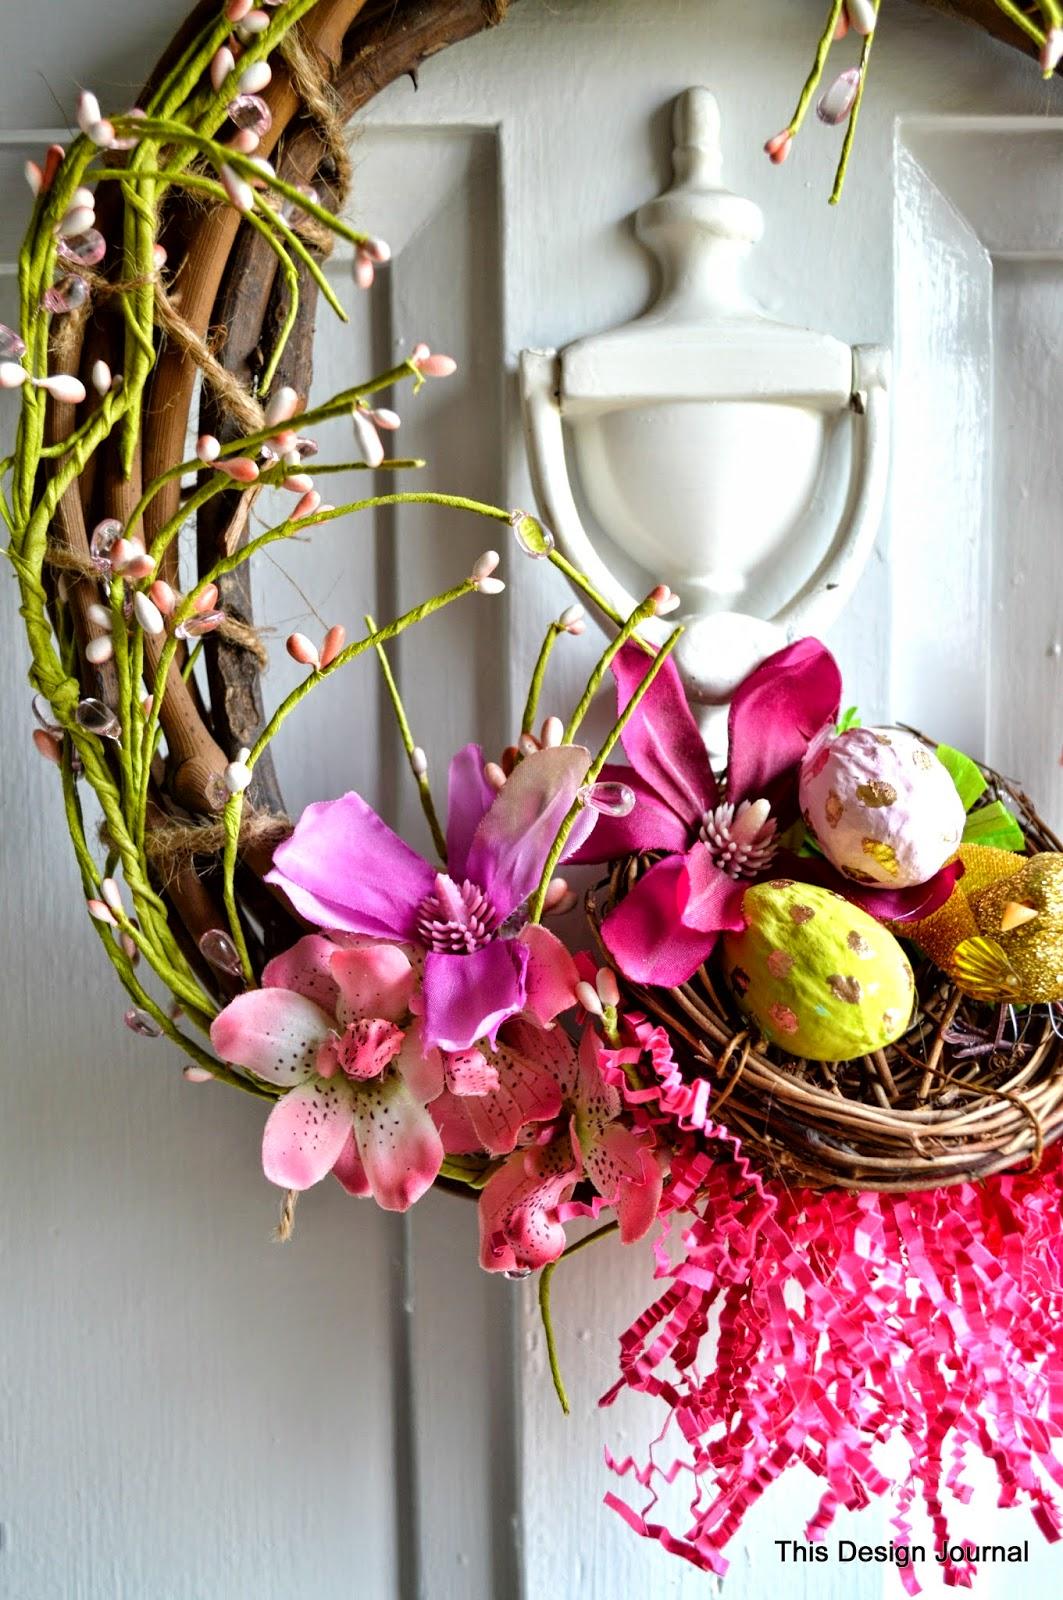 Wreath flower design